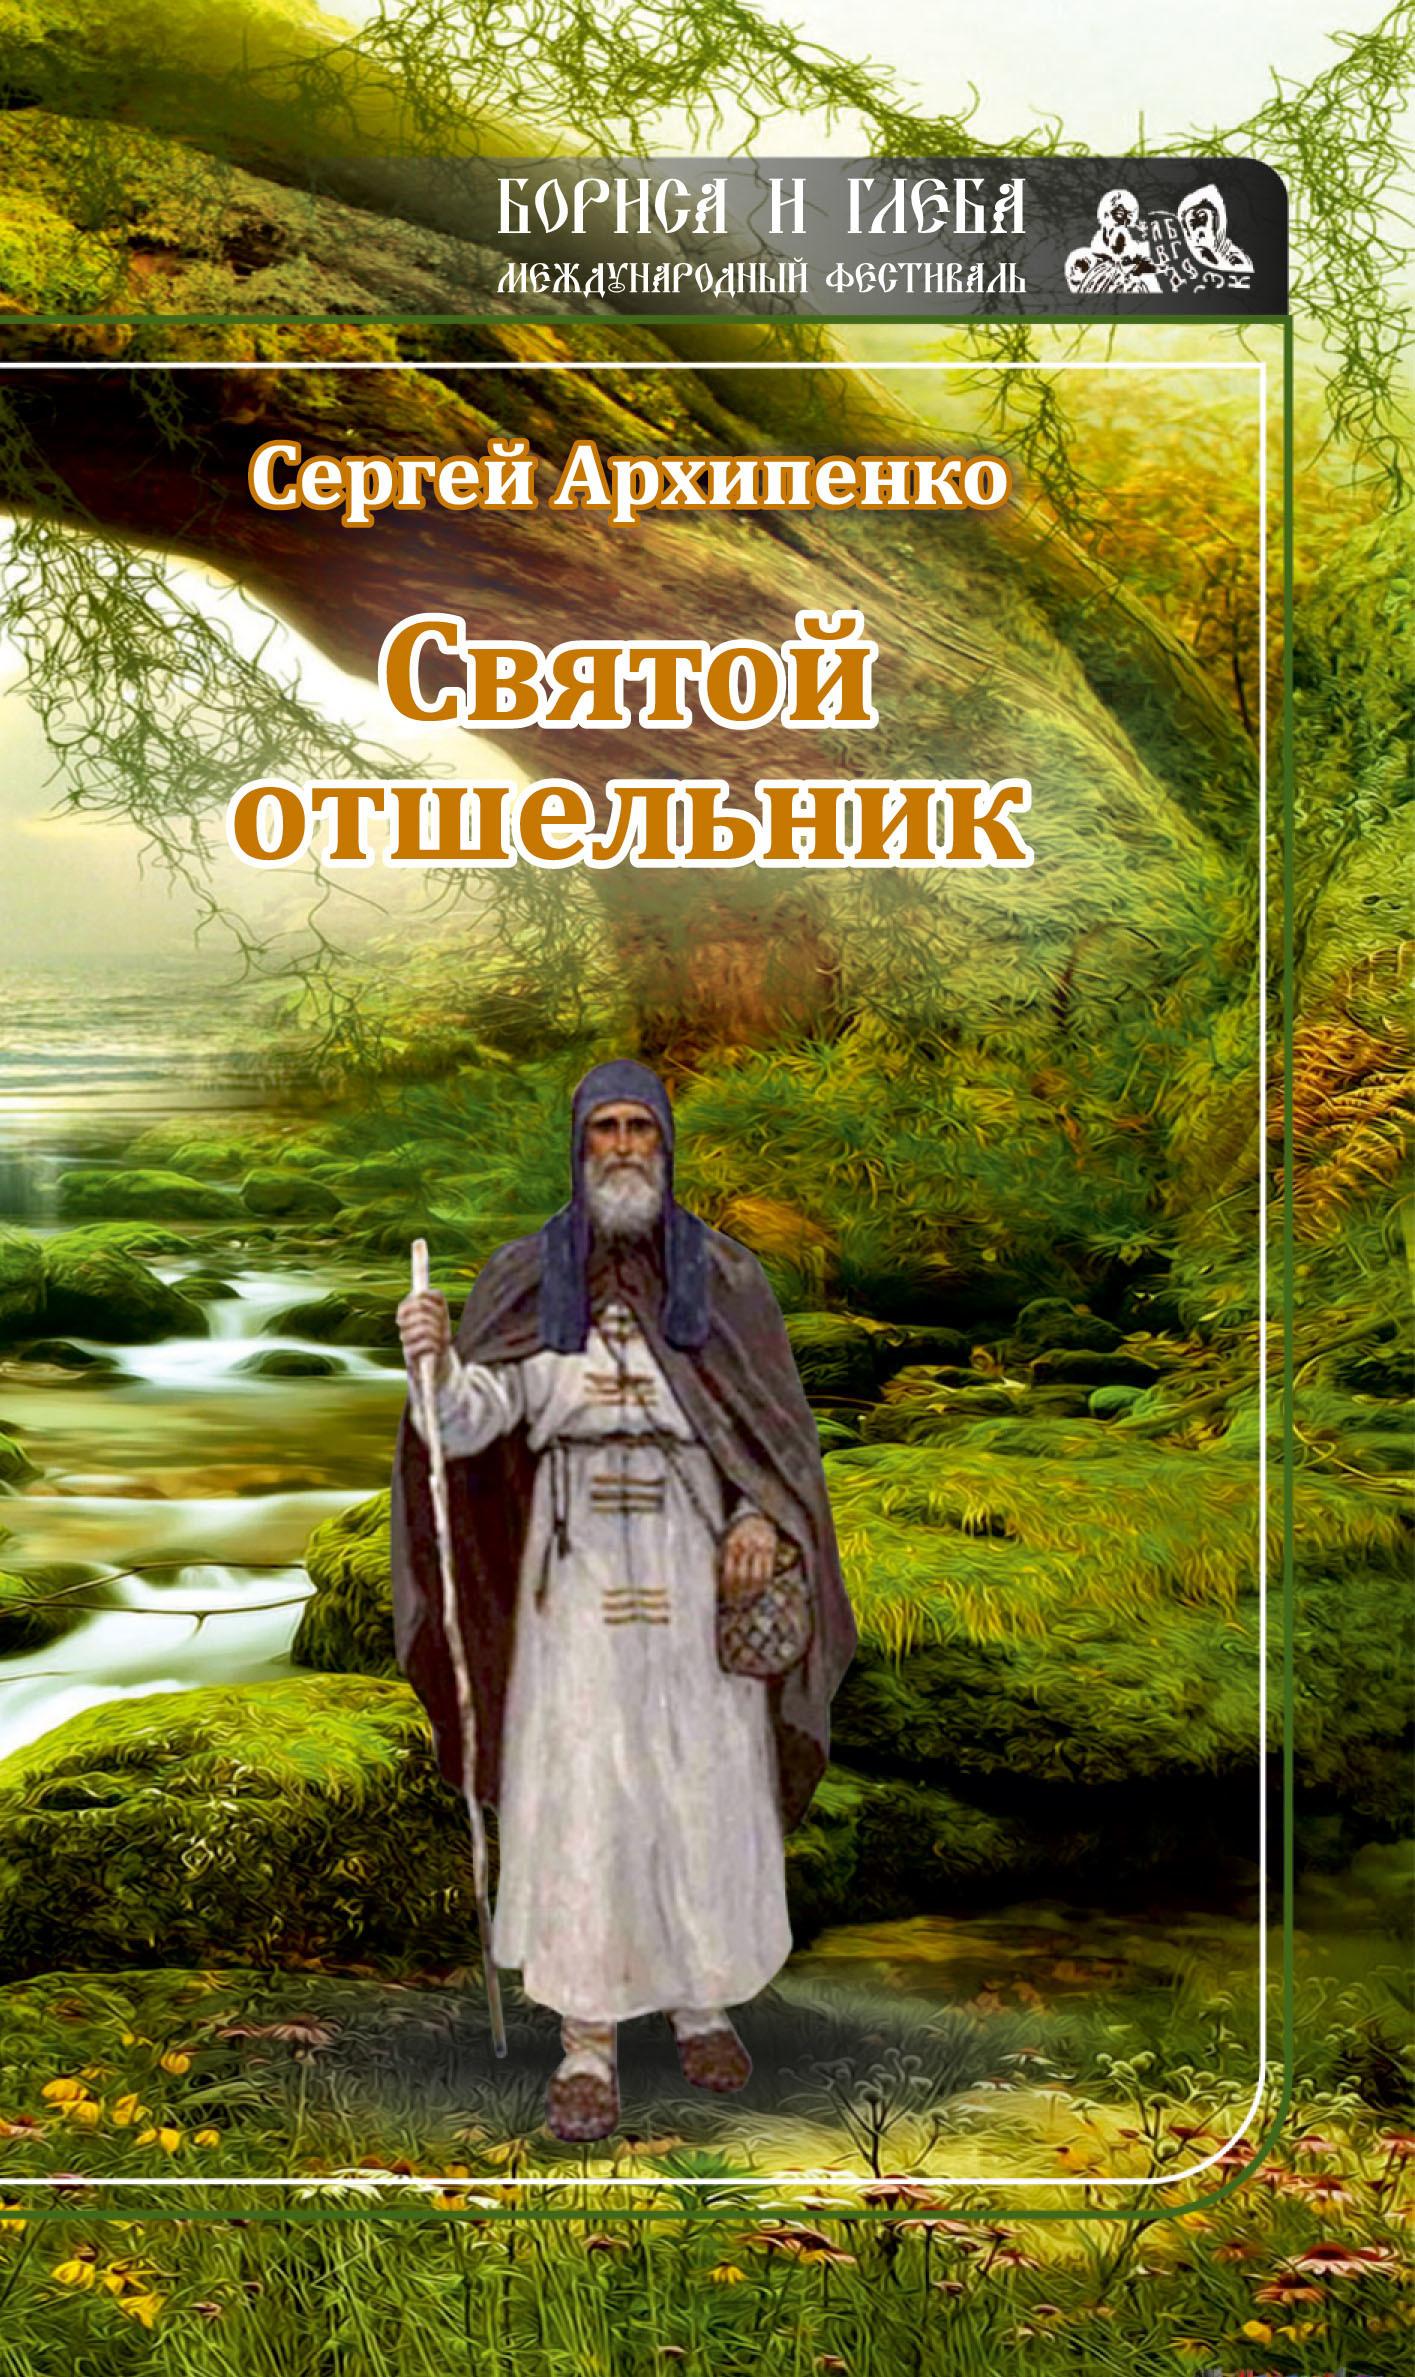 Наконец-то подержать книгу в руках 34/84/05/34840537.bin.dir/34840537.cover.jpg обложка